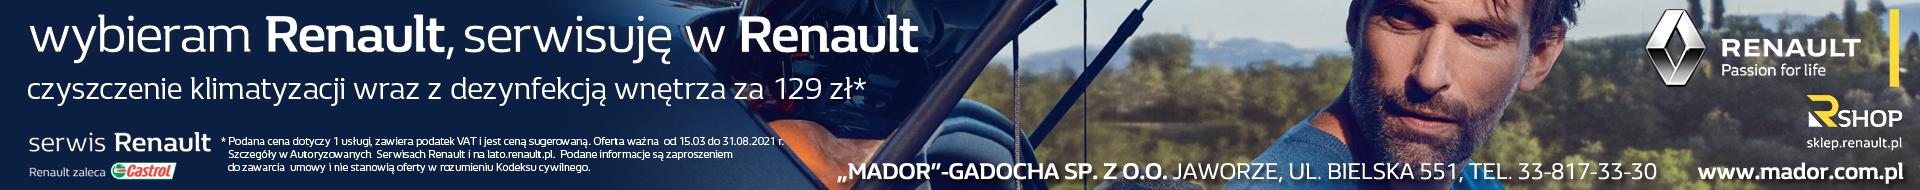 Mador-Gadocha